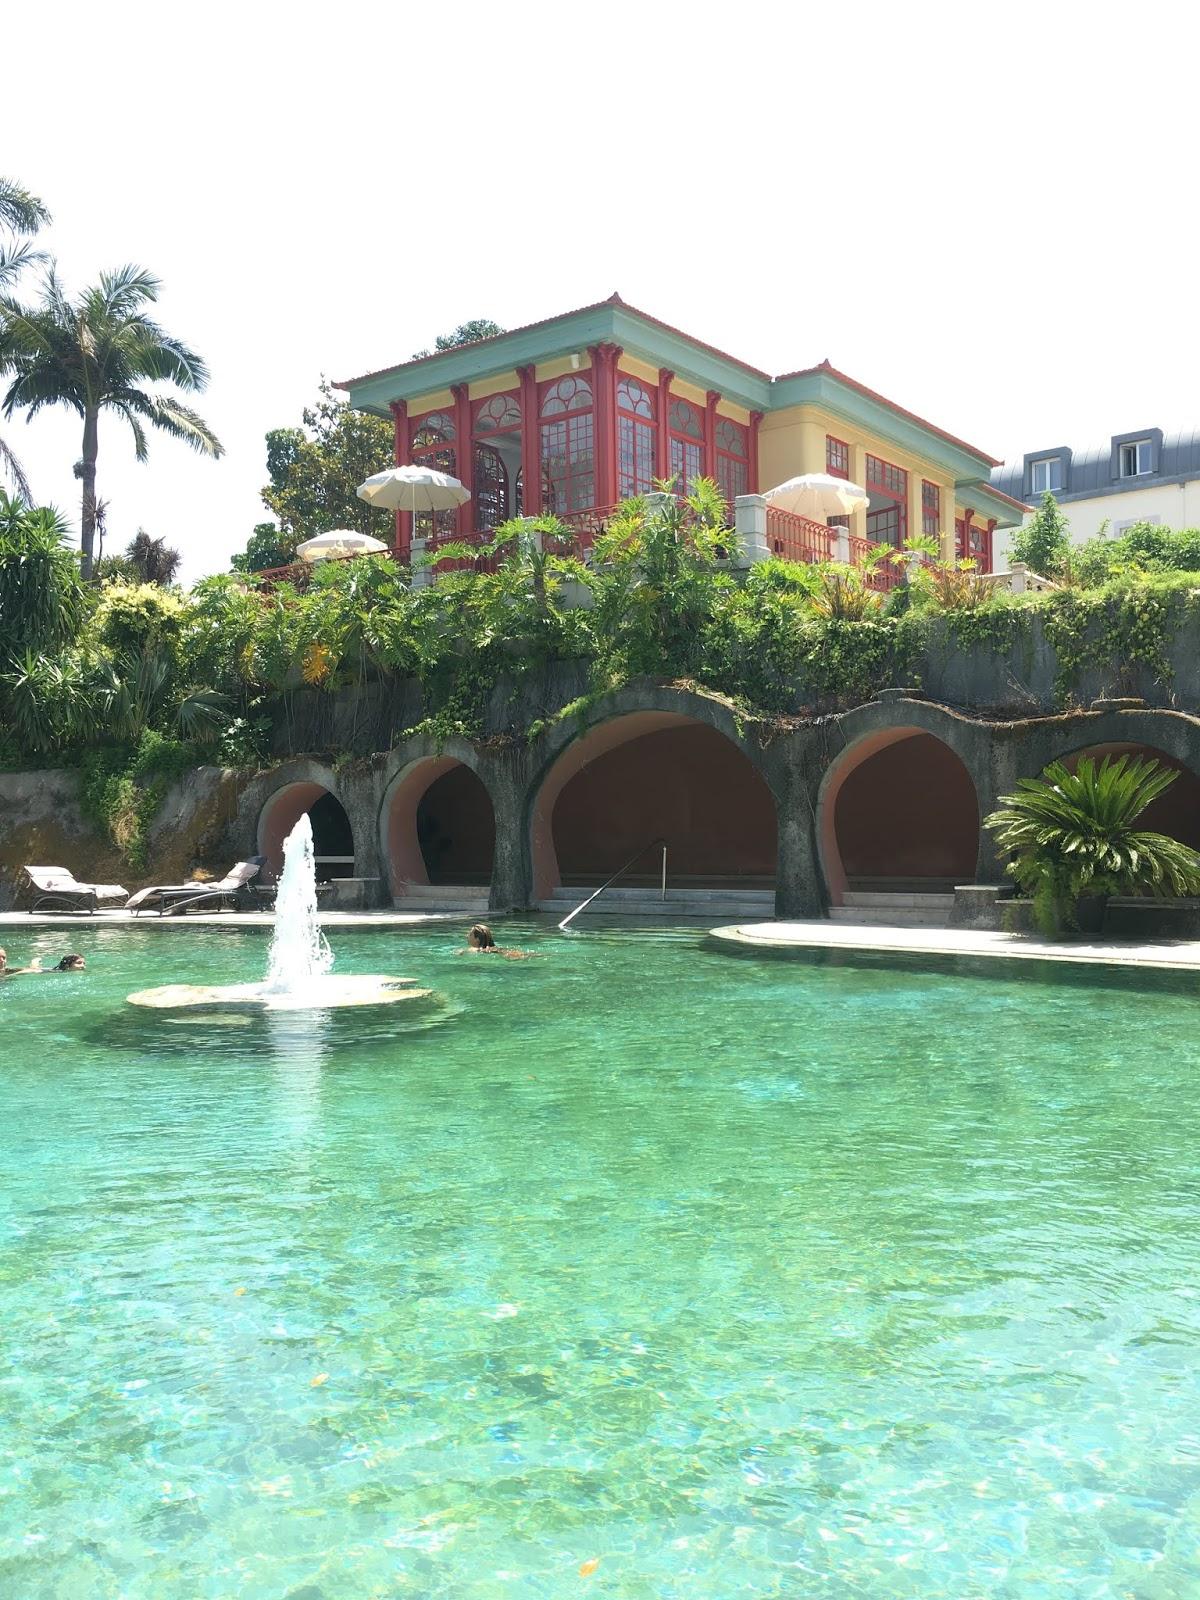 4146ab772 O Spa é excelente e o hotel em si é dos mais bonitos em que já estive. Se  tiverem oportunidade, recomendo a 100% passarem por lá!